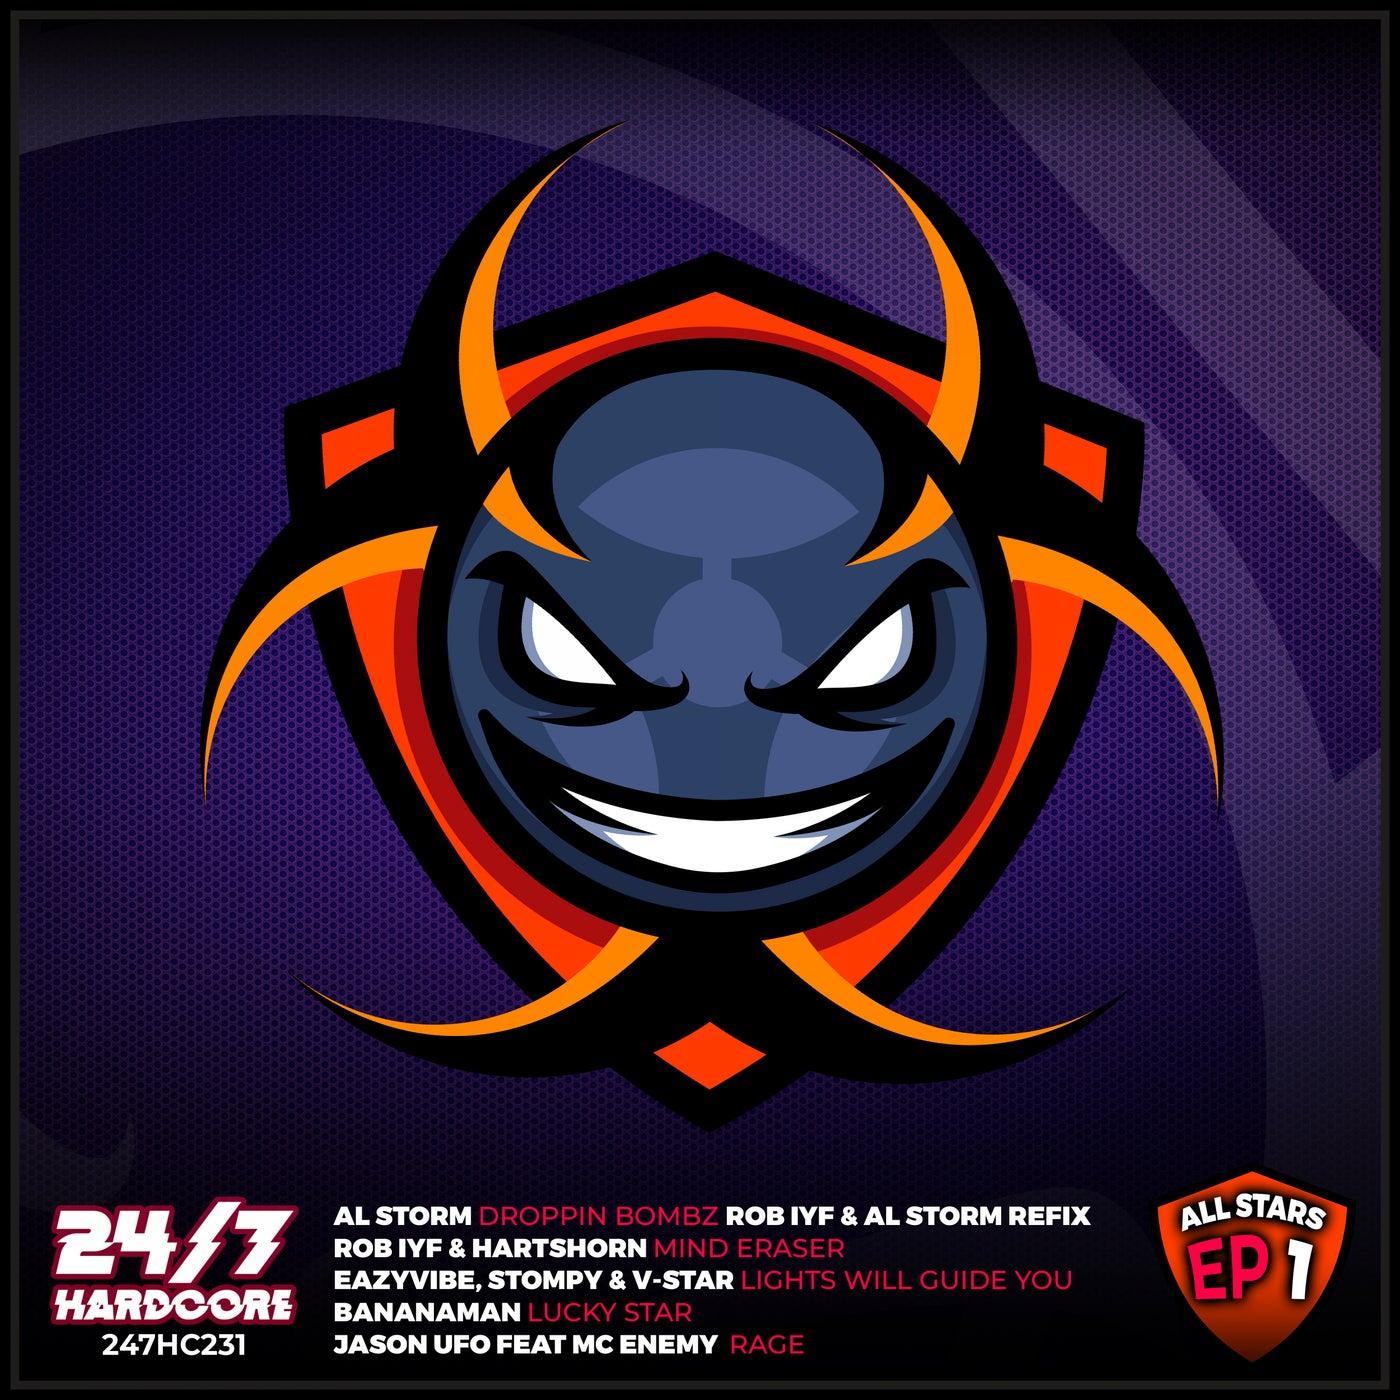 Droppin Bombz (Rob IYF & Al Storm Refix)